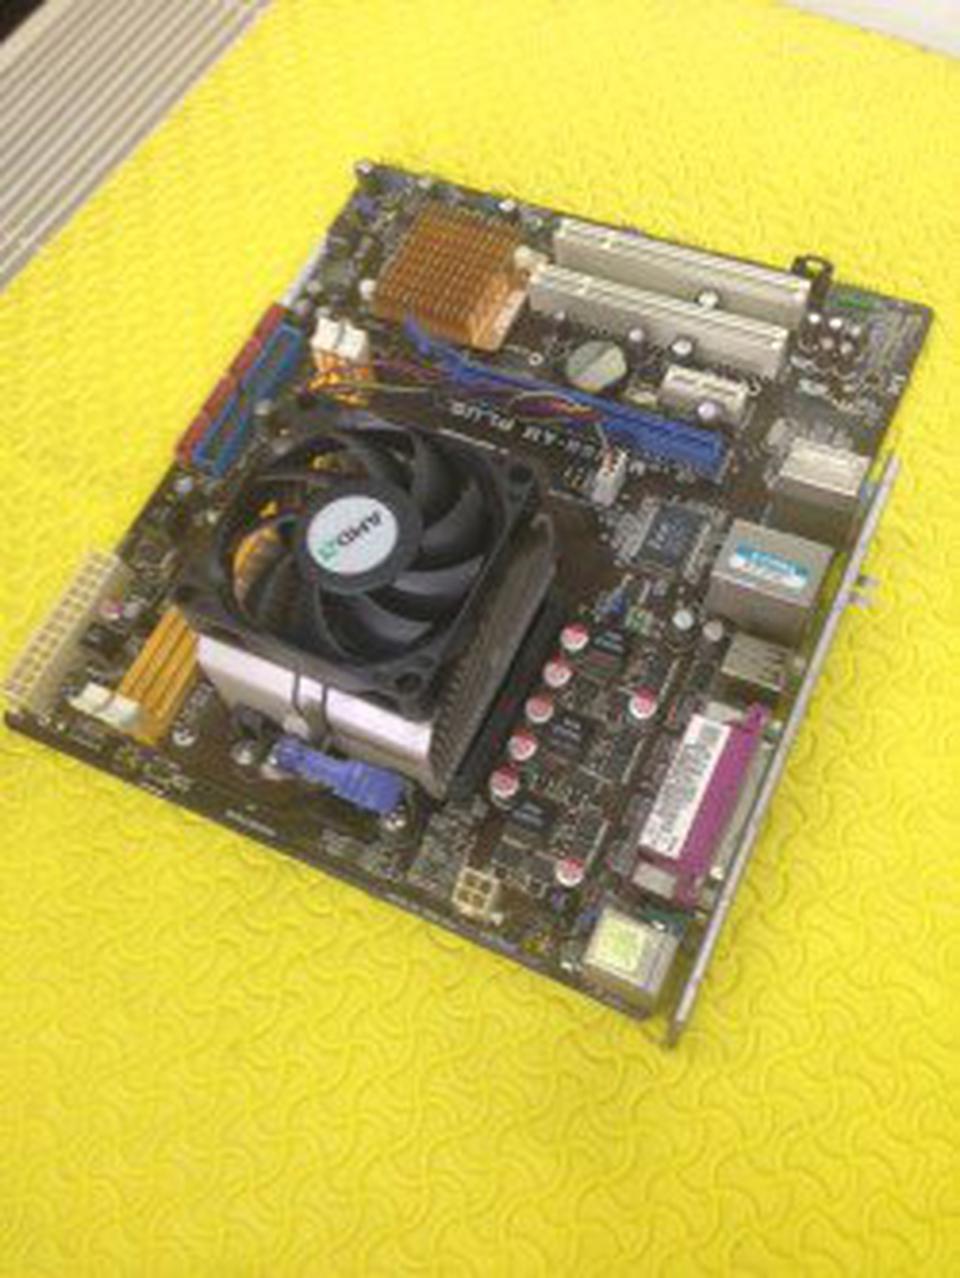 ขายเมนบอร์ด พร้อม CPU รูปที่ 2